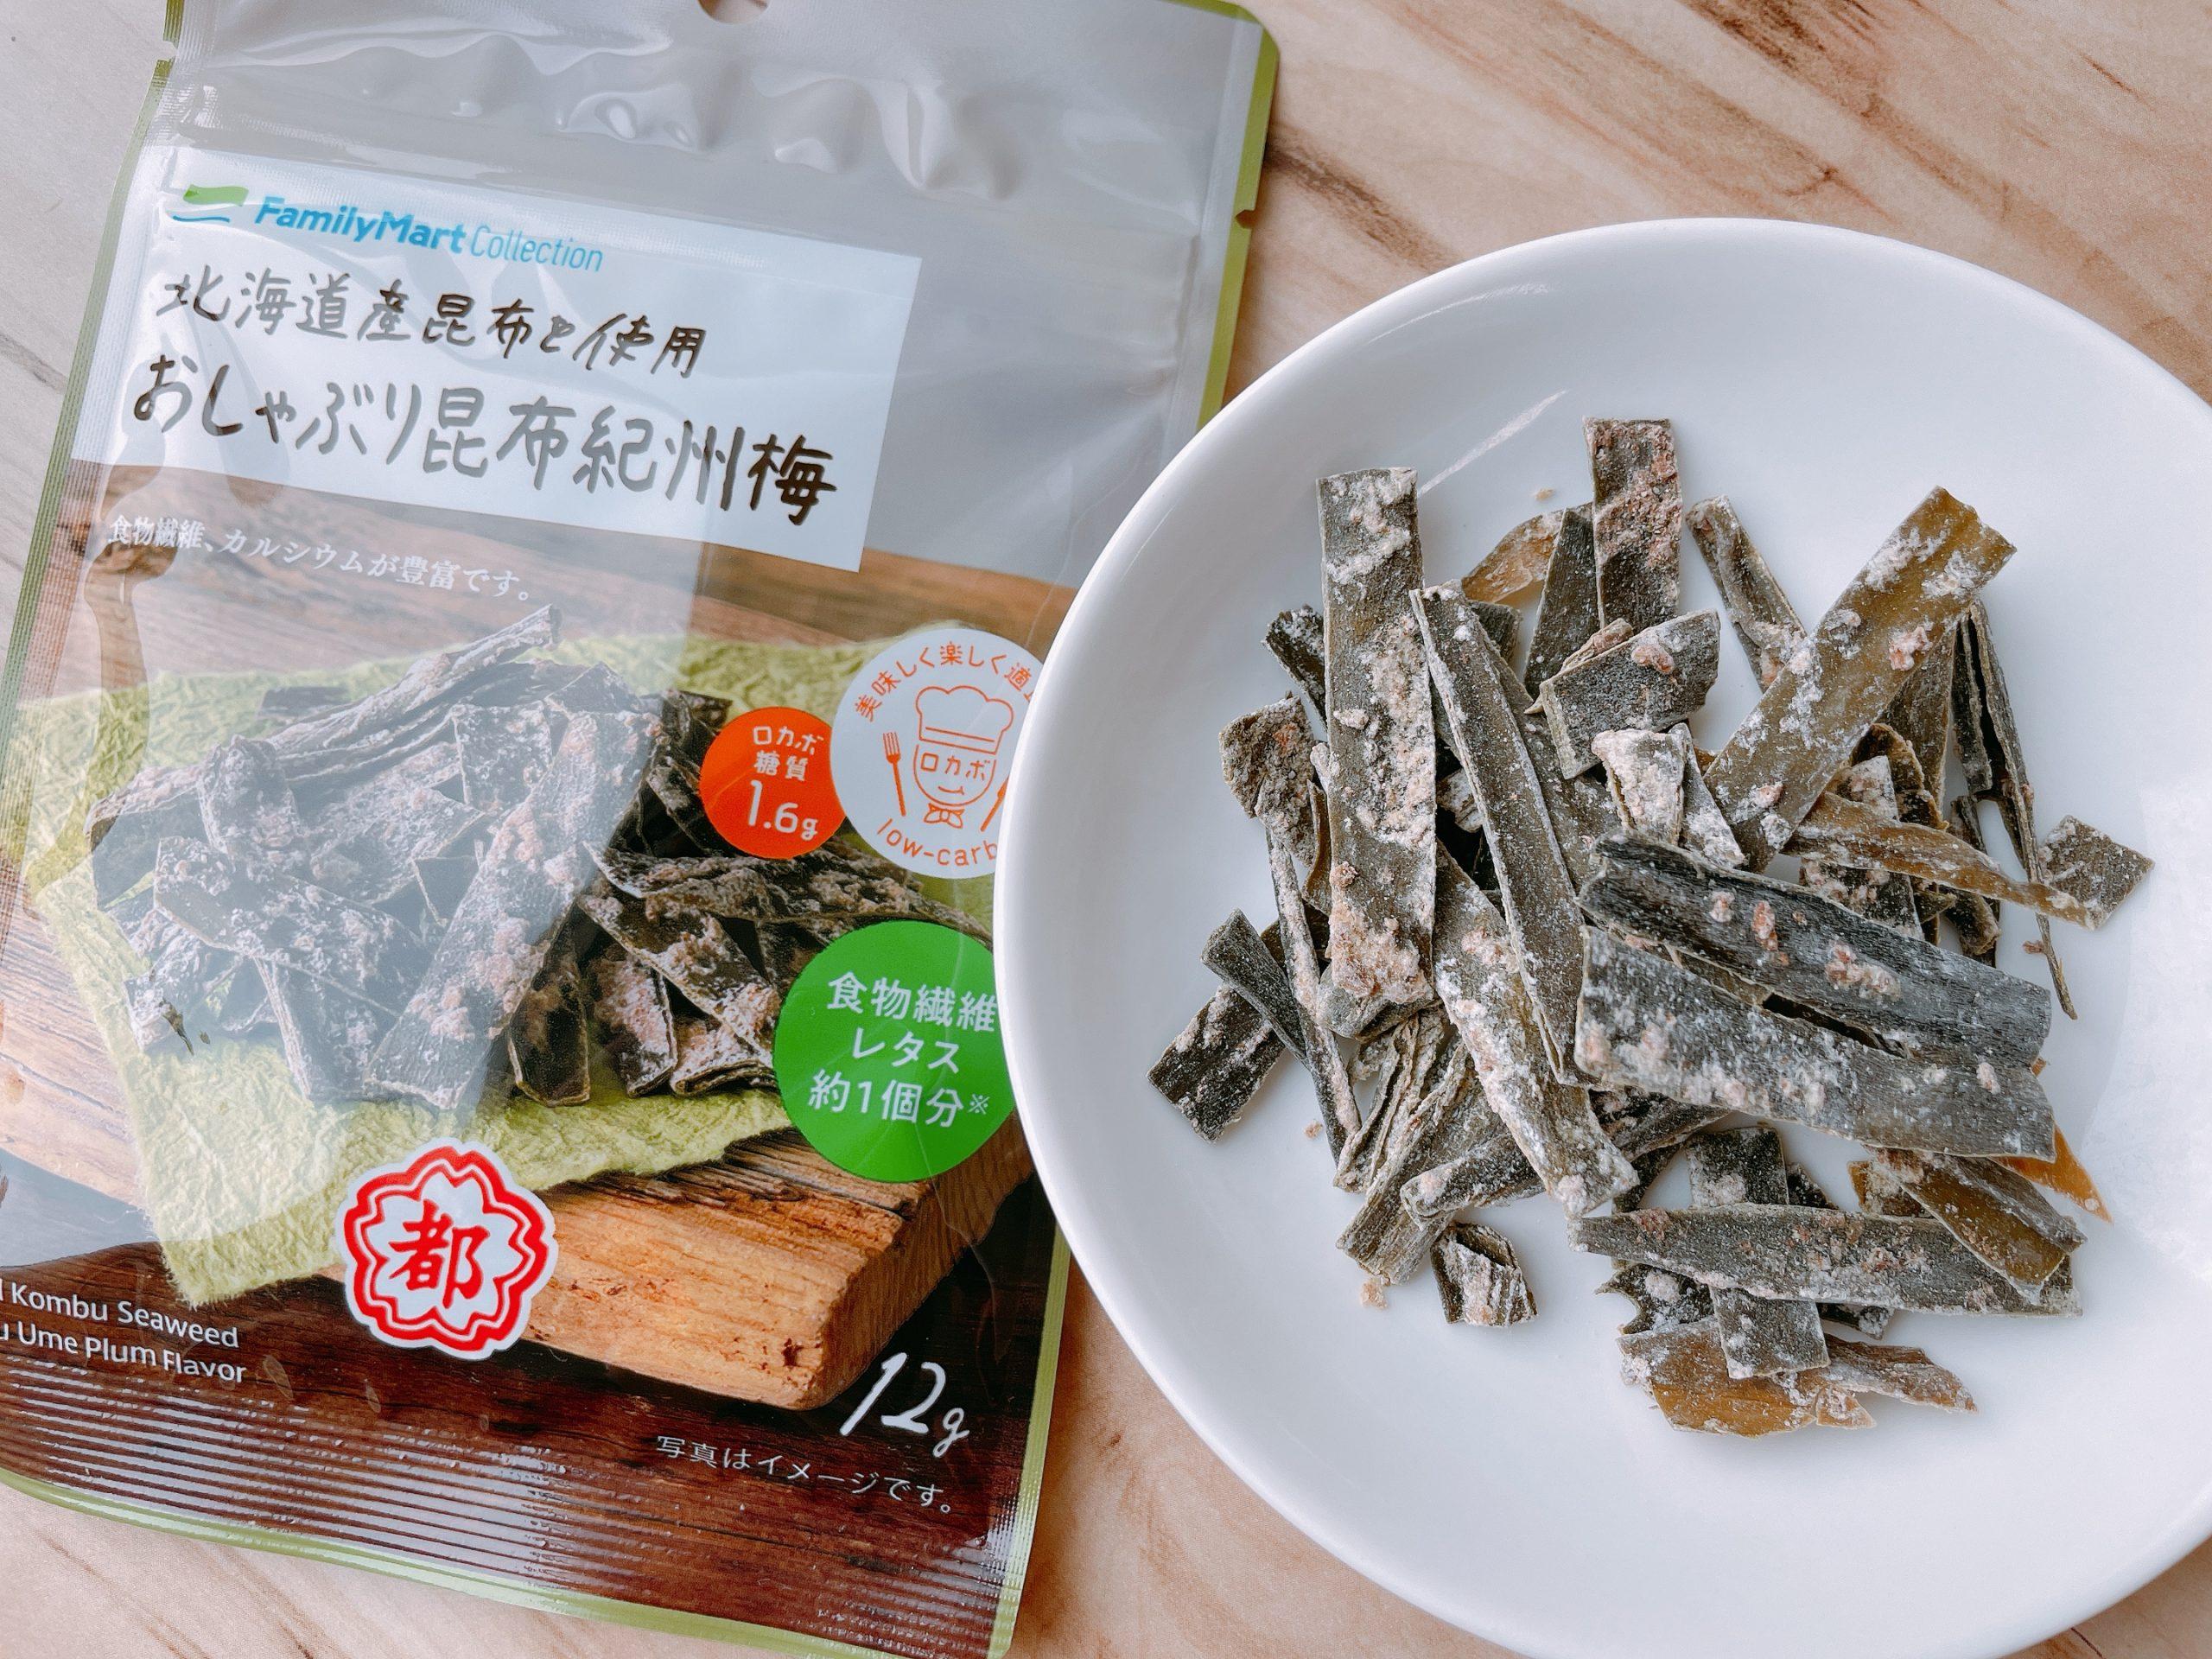 おしゃぶり昆布紀州梅は、塩っ辛さのあとに、昆布の旨みと甘さが効いてきます